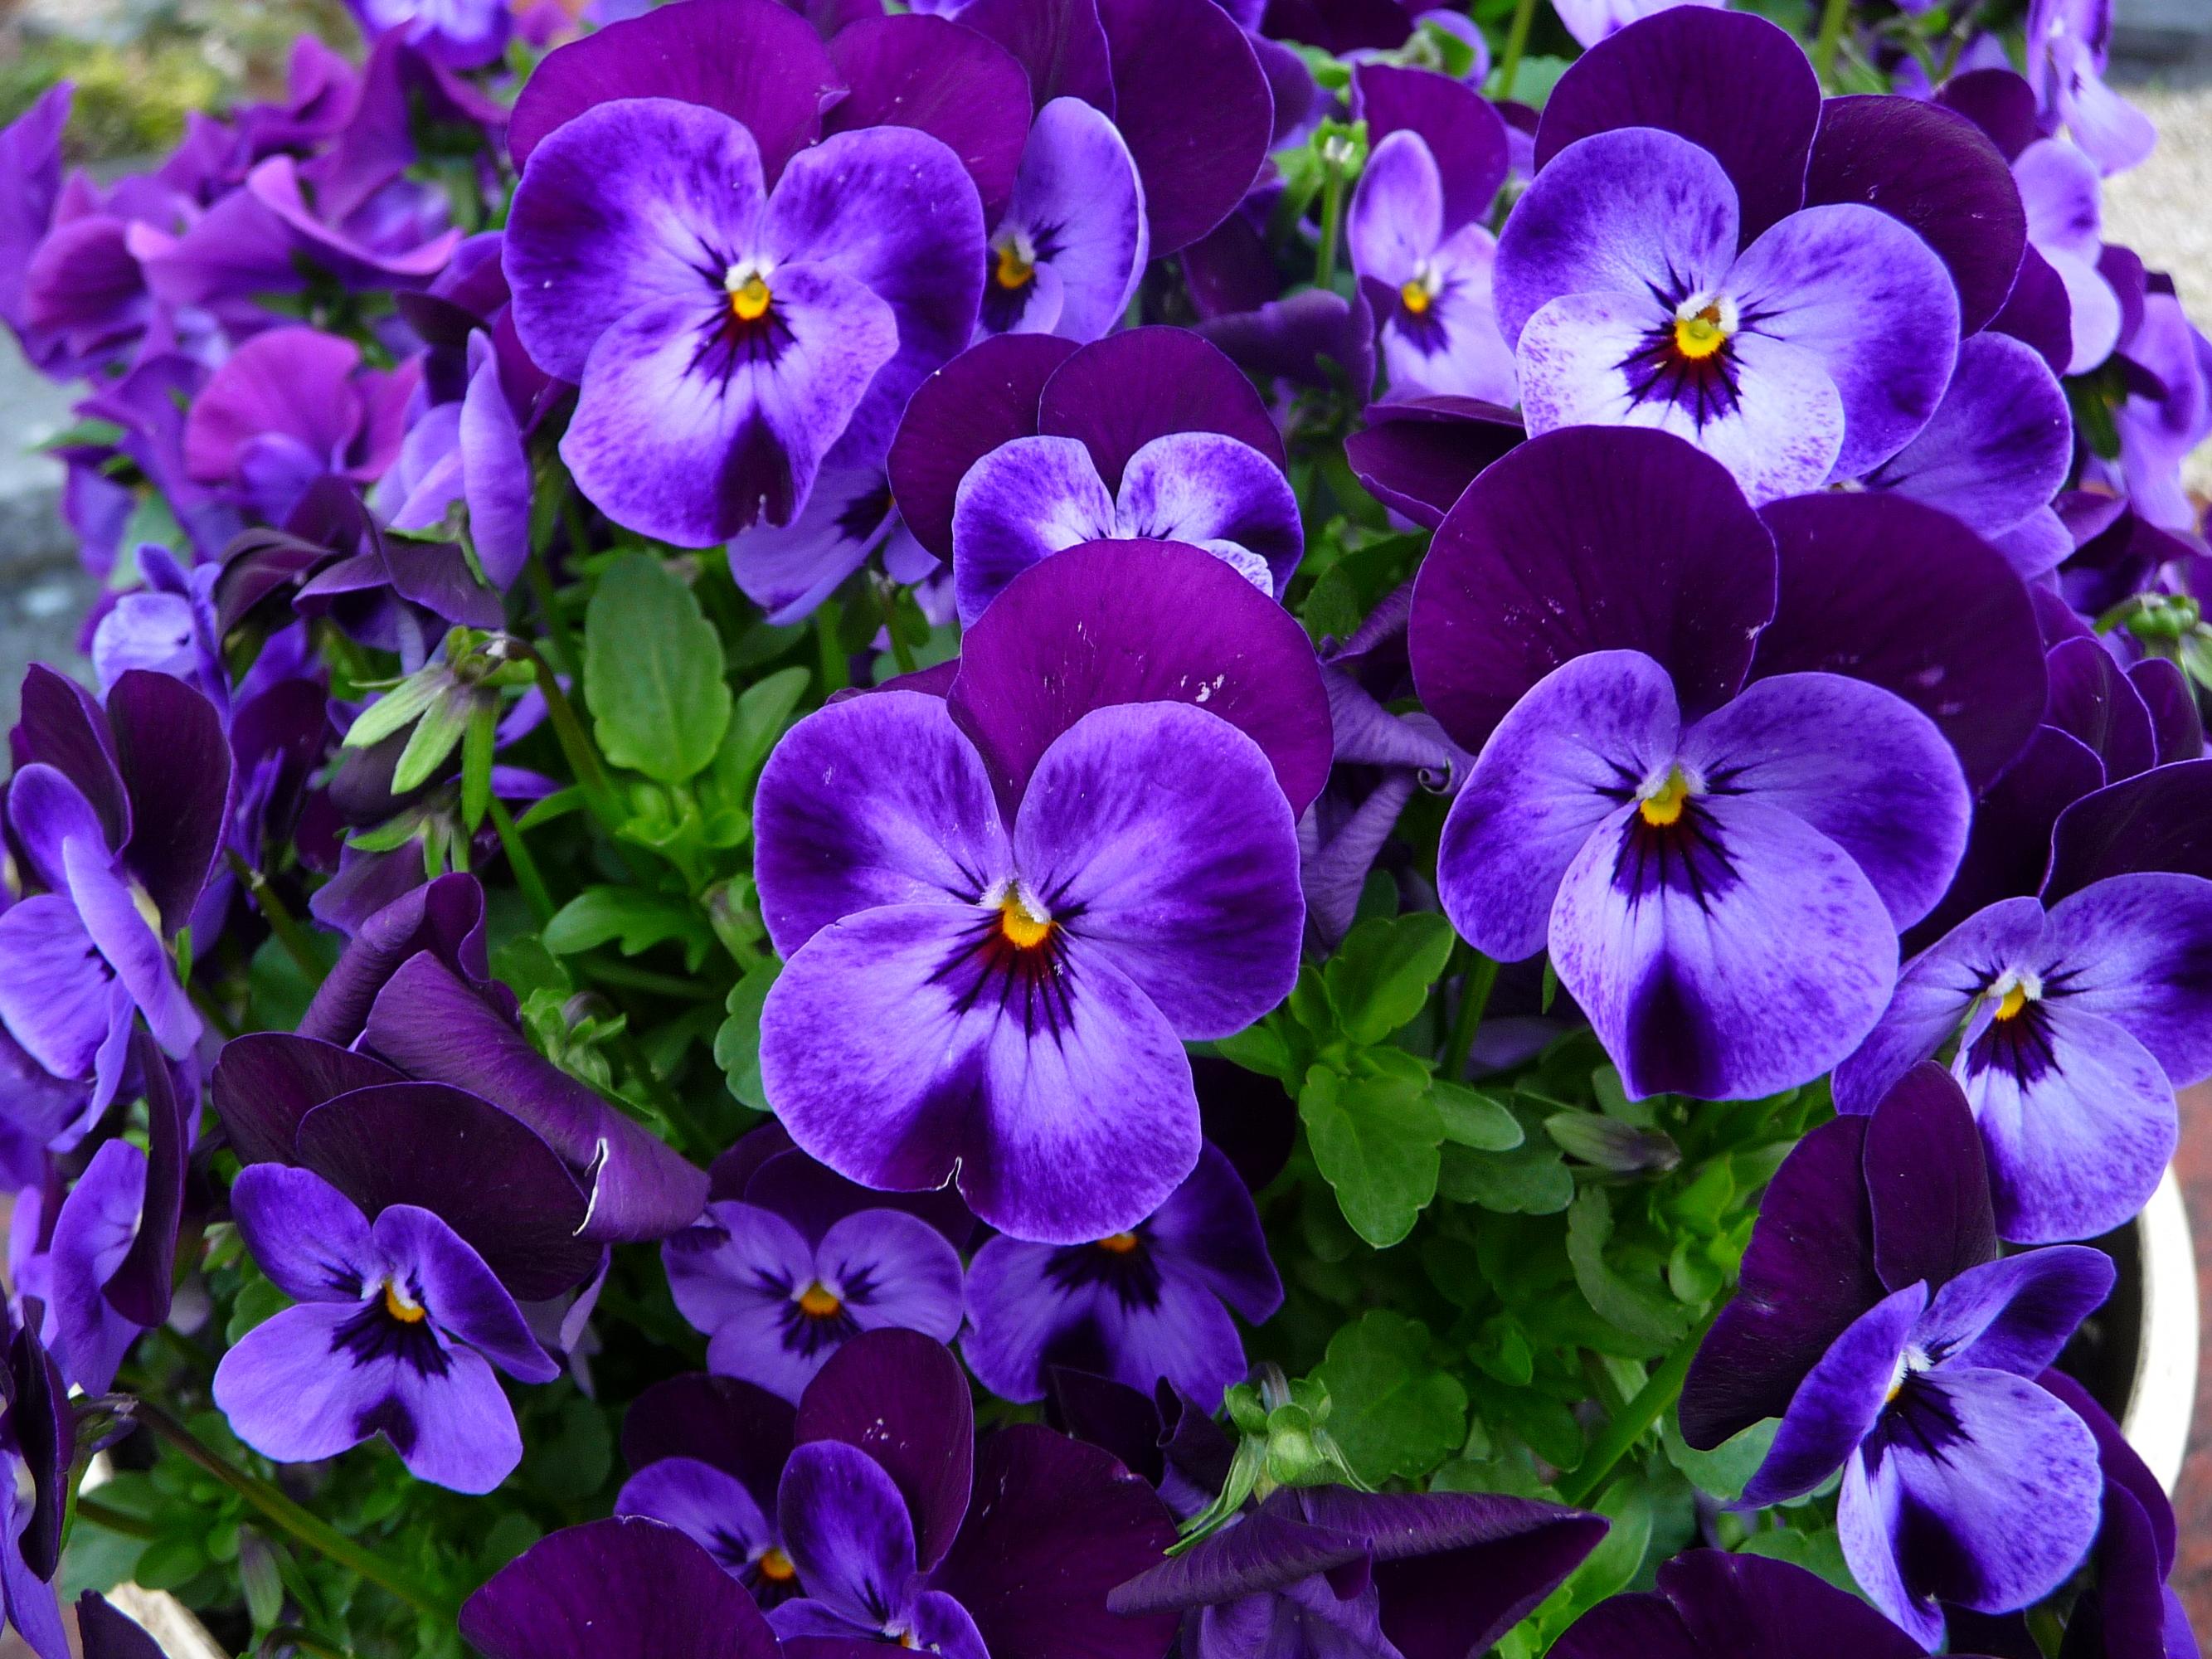 цветы фиалки фото красивые совершенно относятся человеку